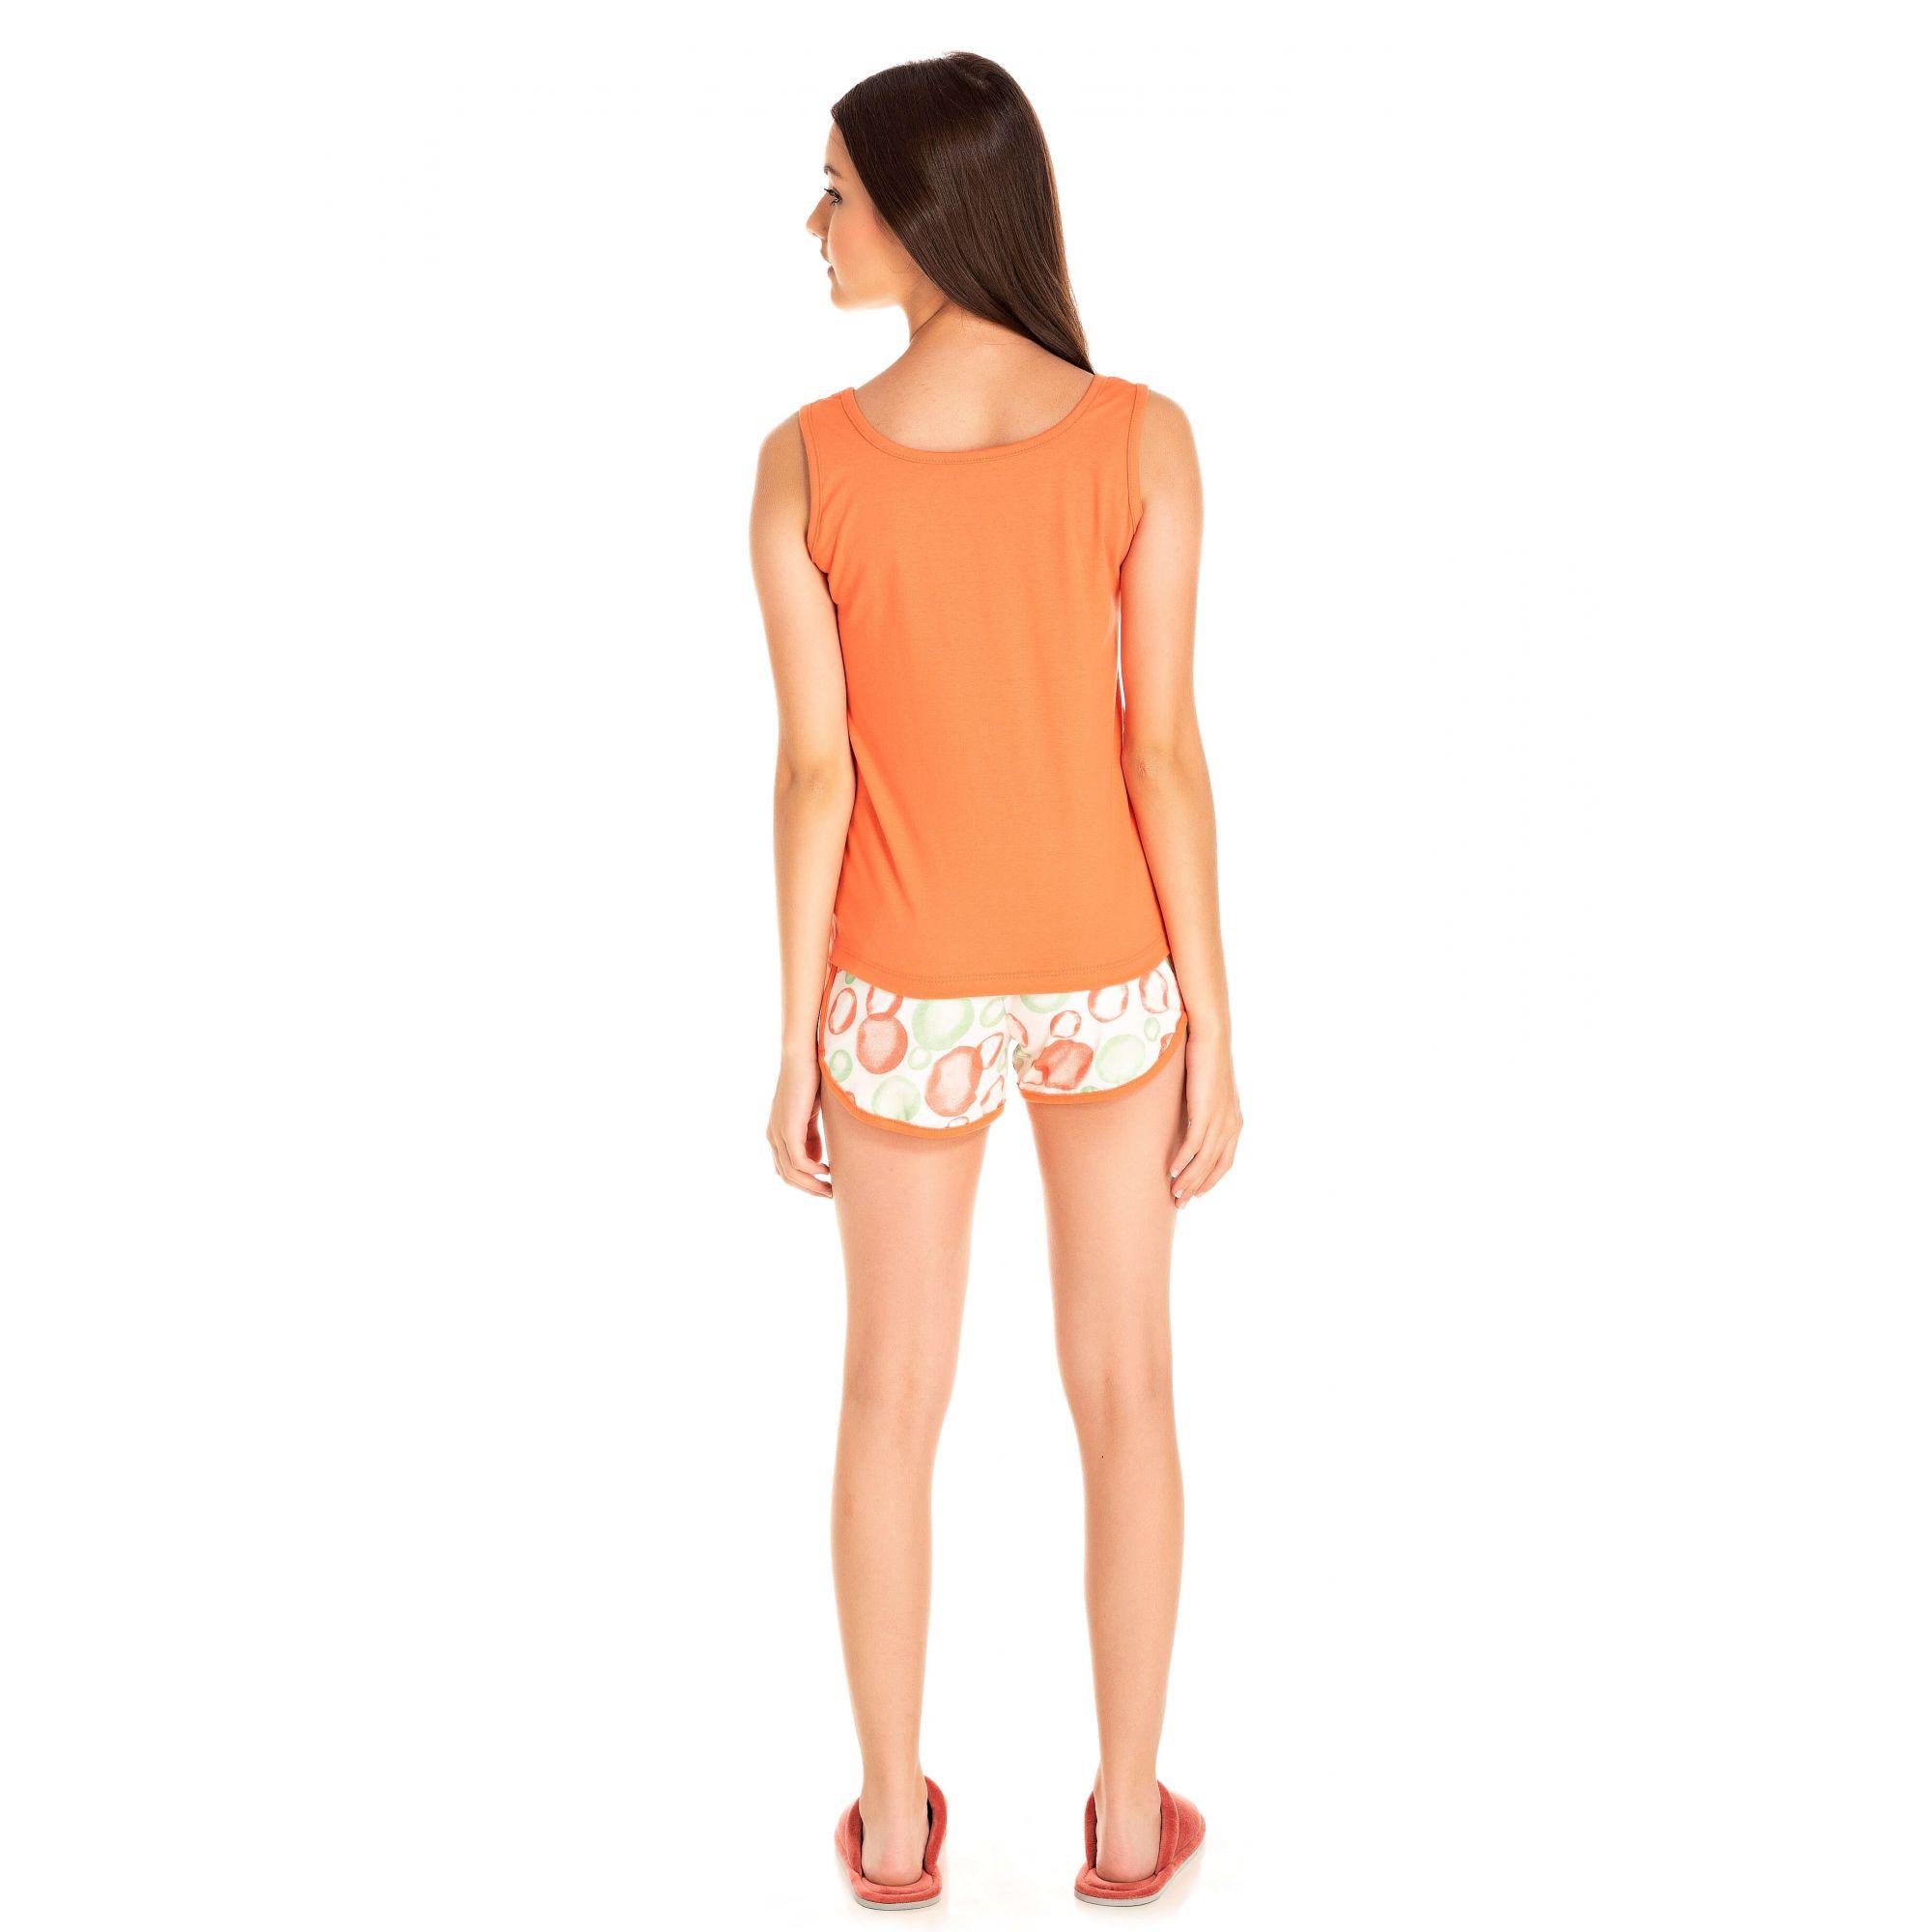 221/A - Short Doll Juvenil Feminino Summer